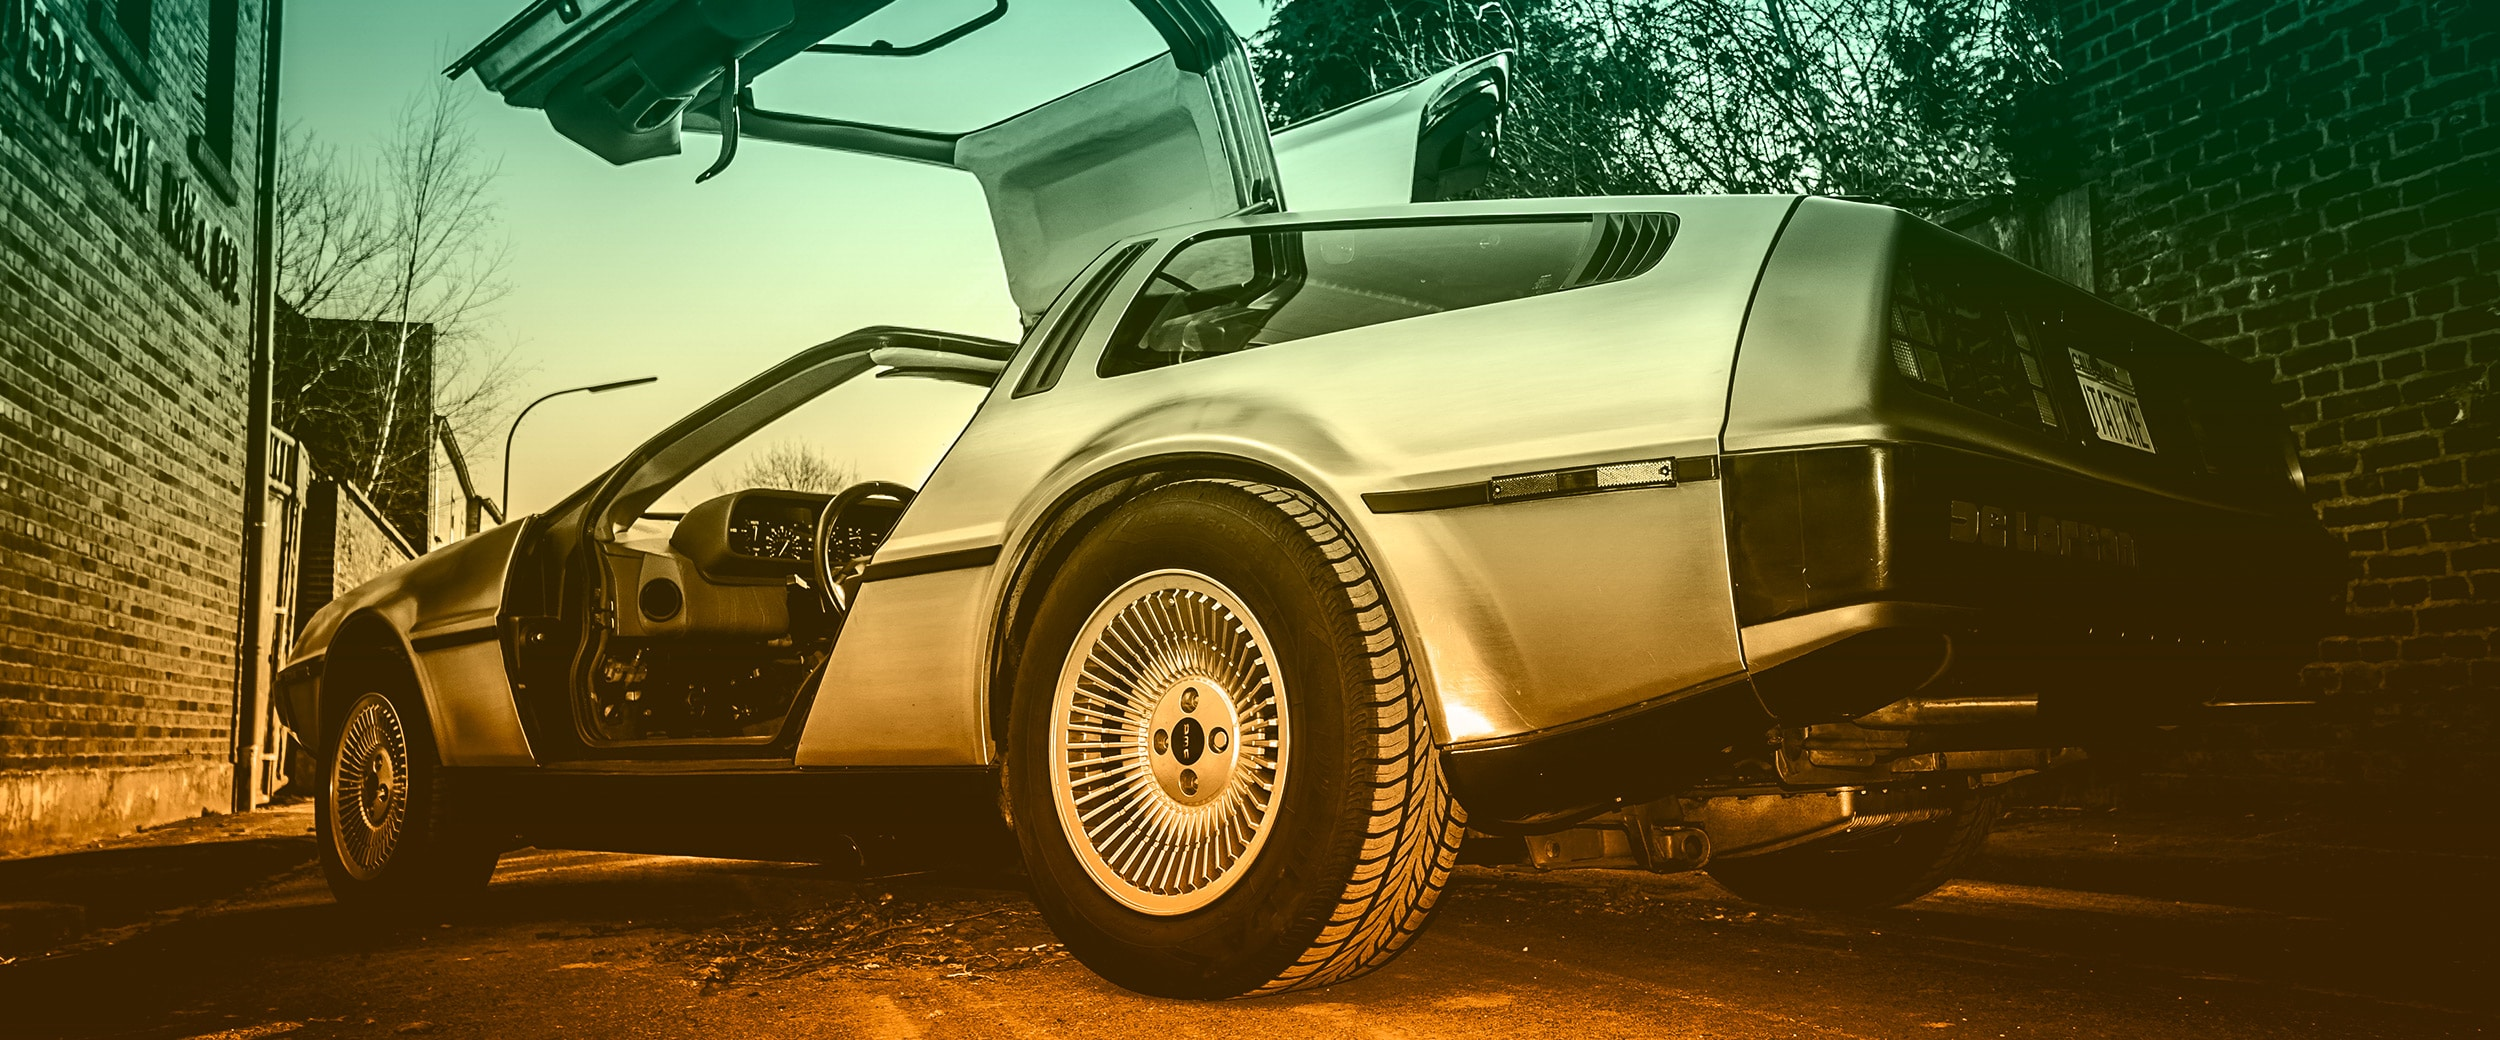 Parkender DeLorean auf einer Gasse.